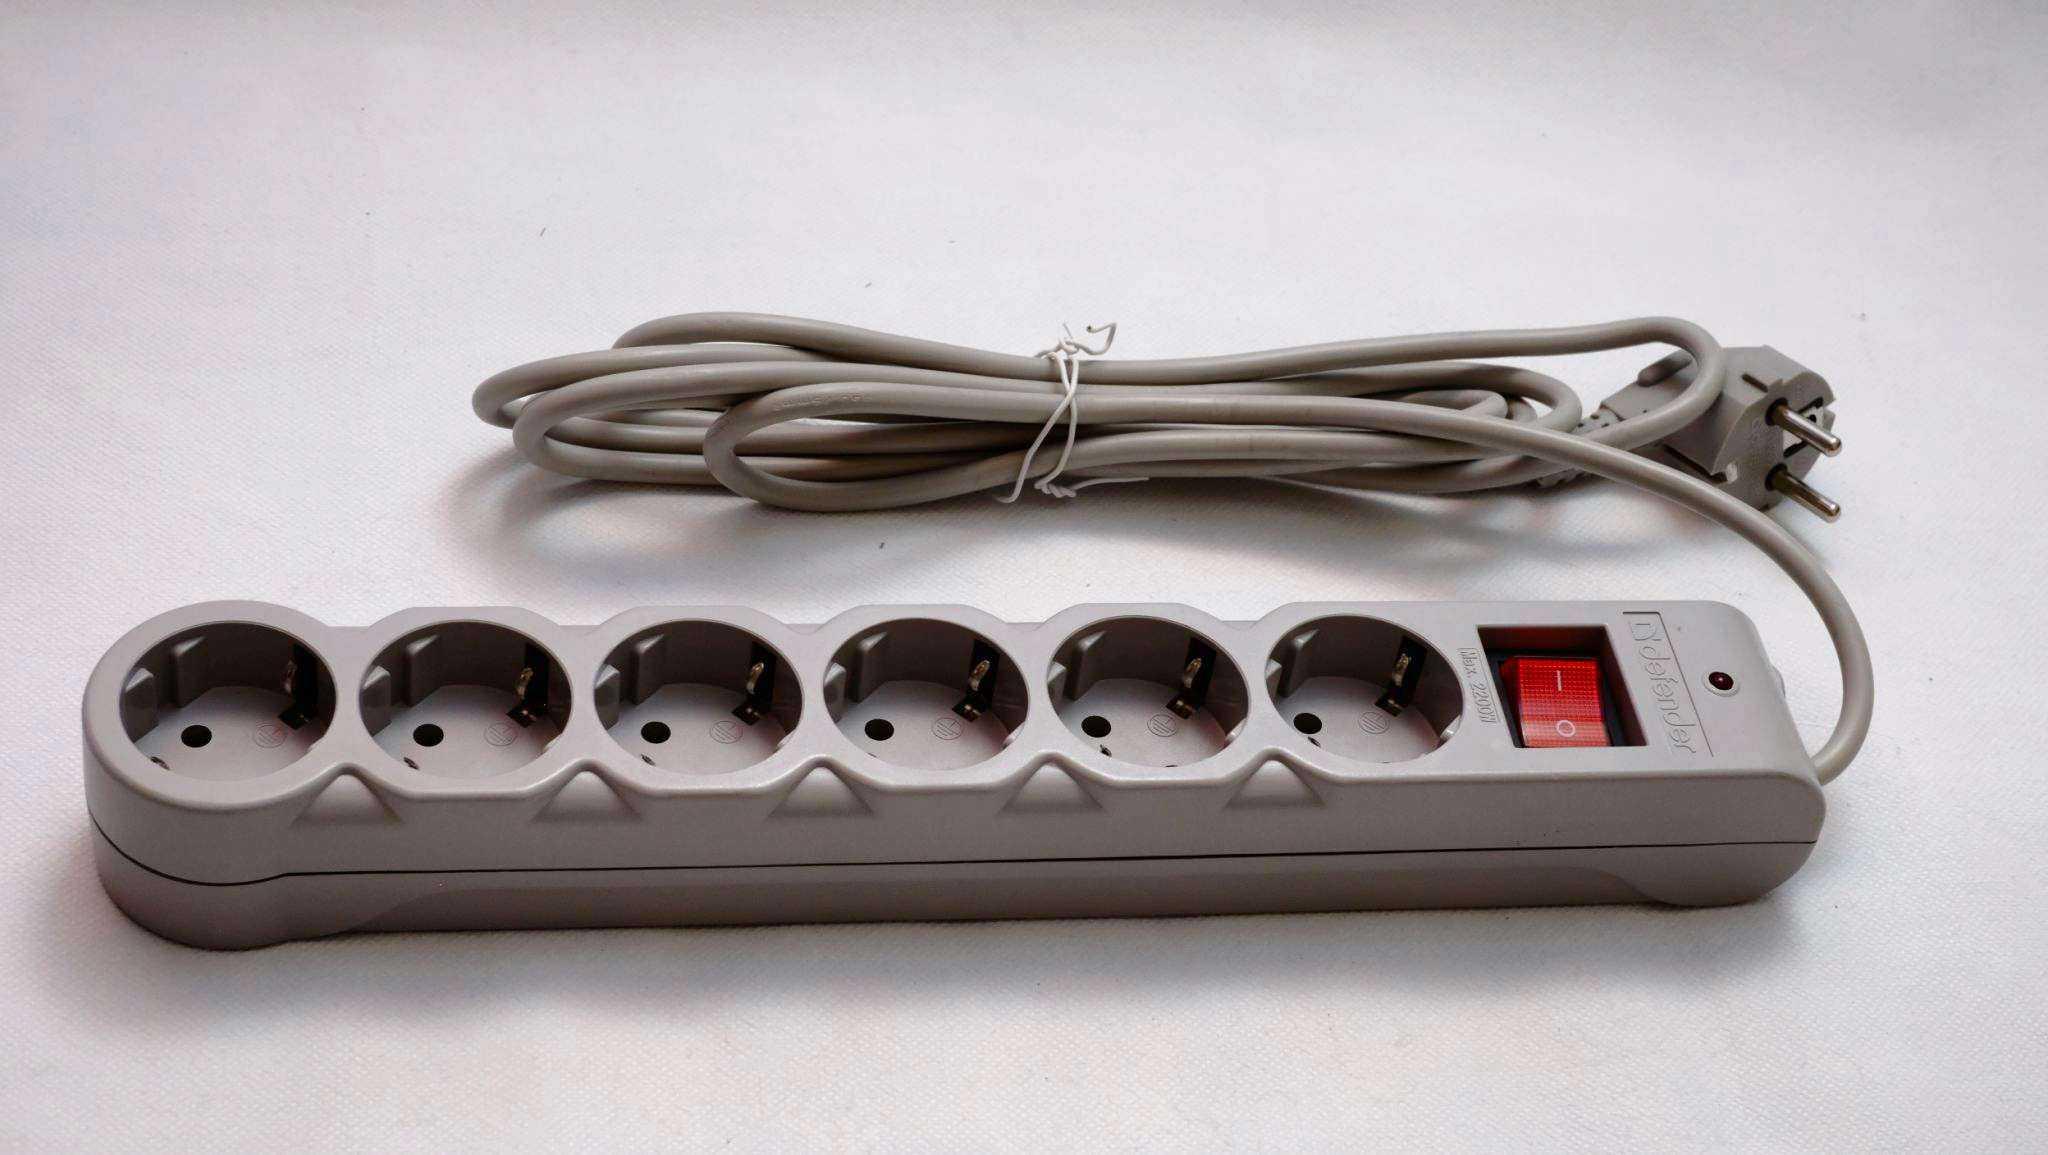 Топ-10 сетевых фильтров и удлинителей для защиты электроприборов 2020 года по версии zuzako